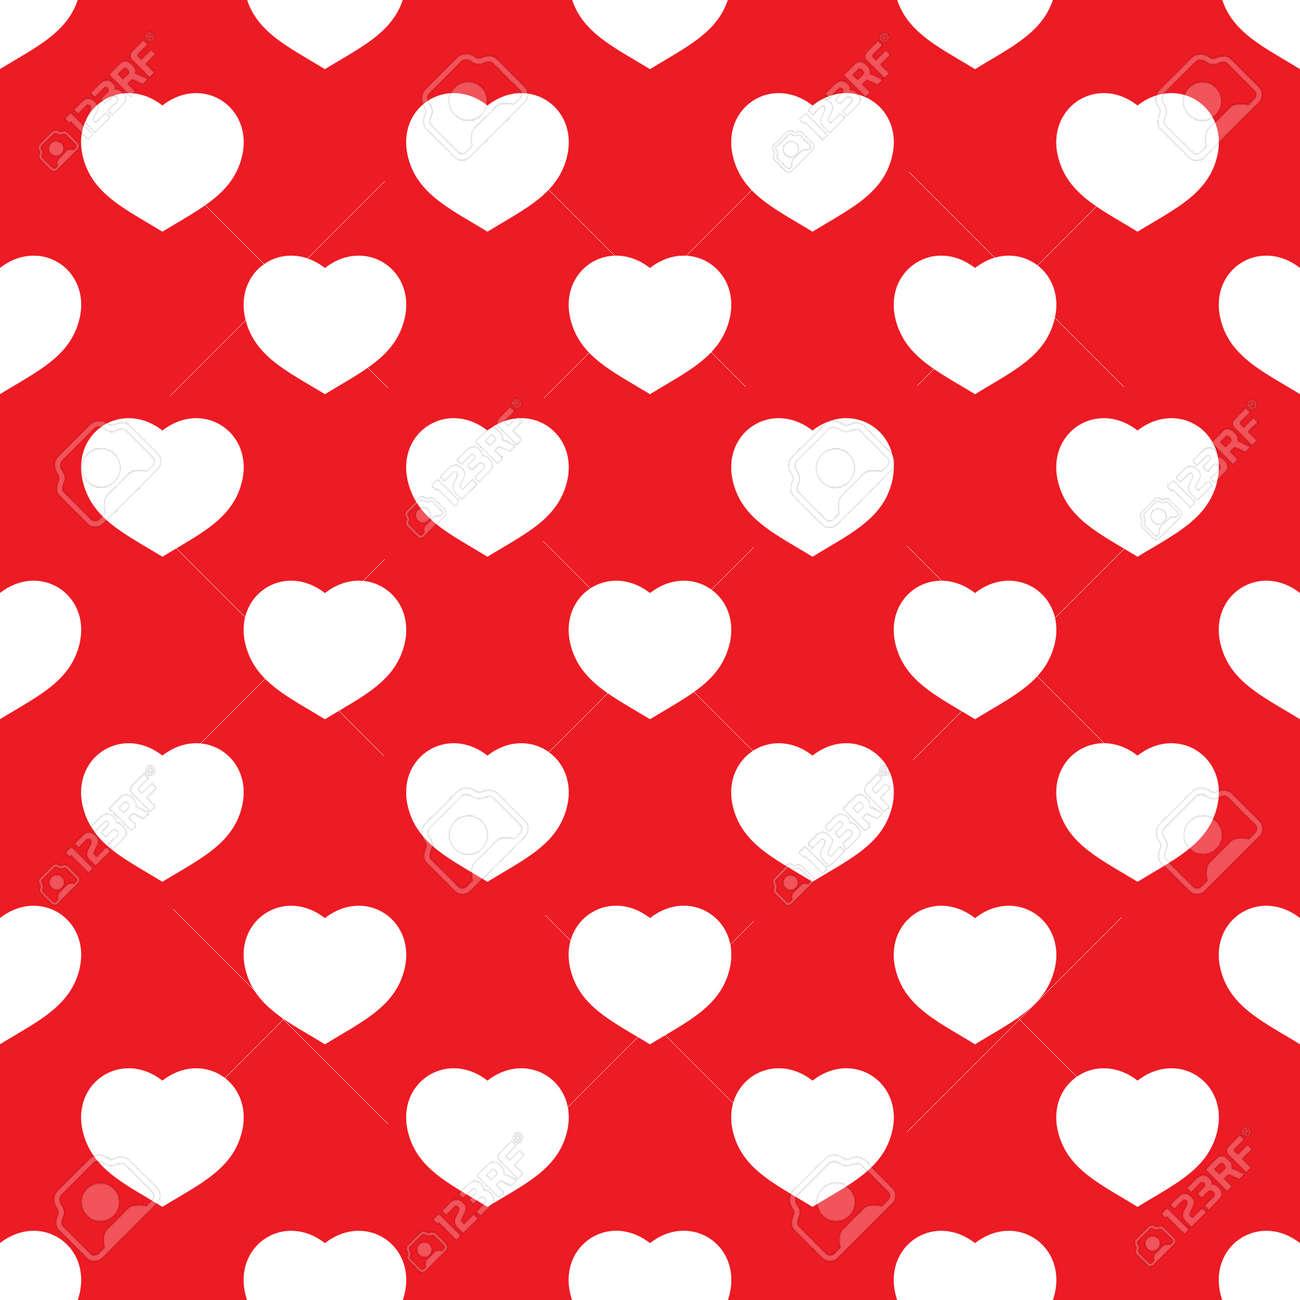 Asombroso Patrones Que Hacen Punto Libre De Corazón Rojo Viñeta ...